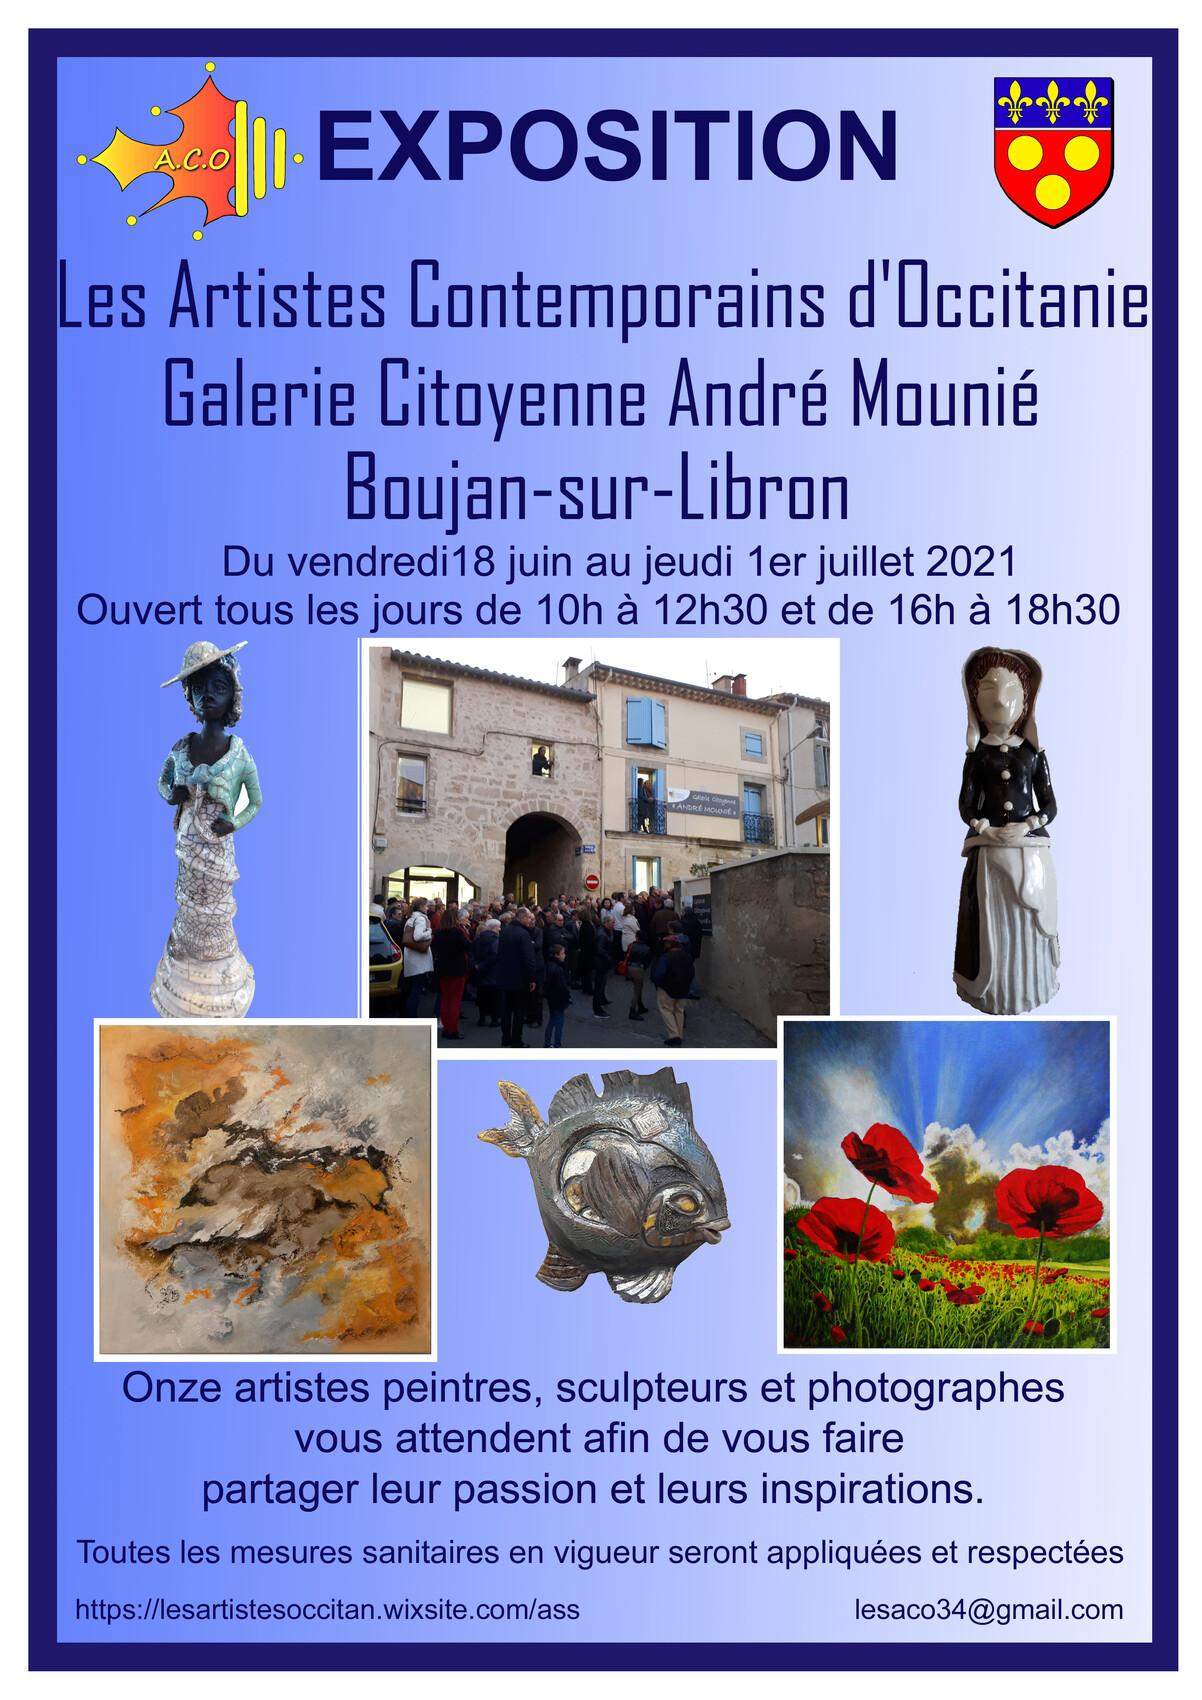 Exposition à la Galerie Ctoyenne André Mounié